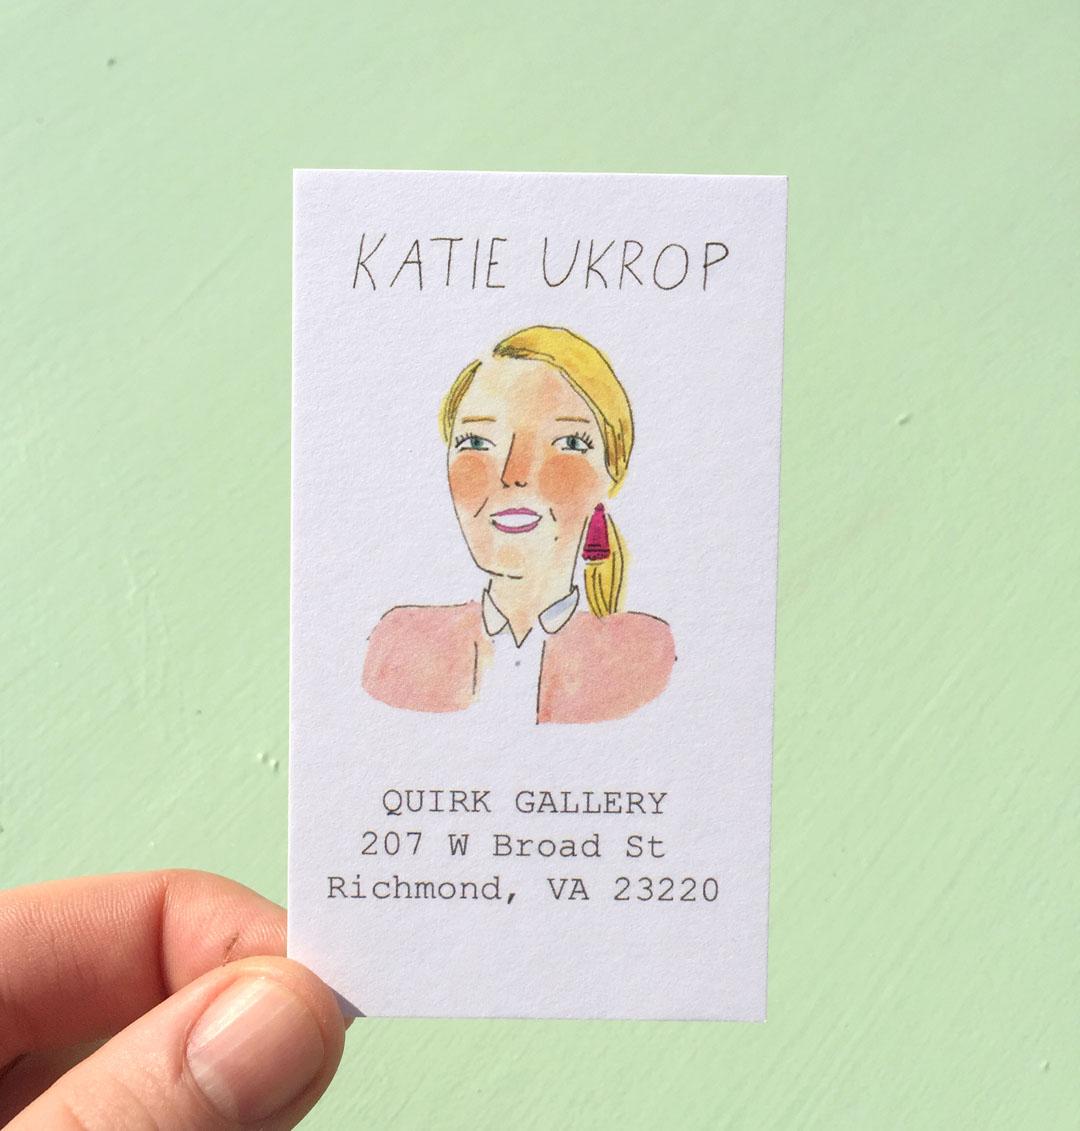 Katie Ukrop